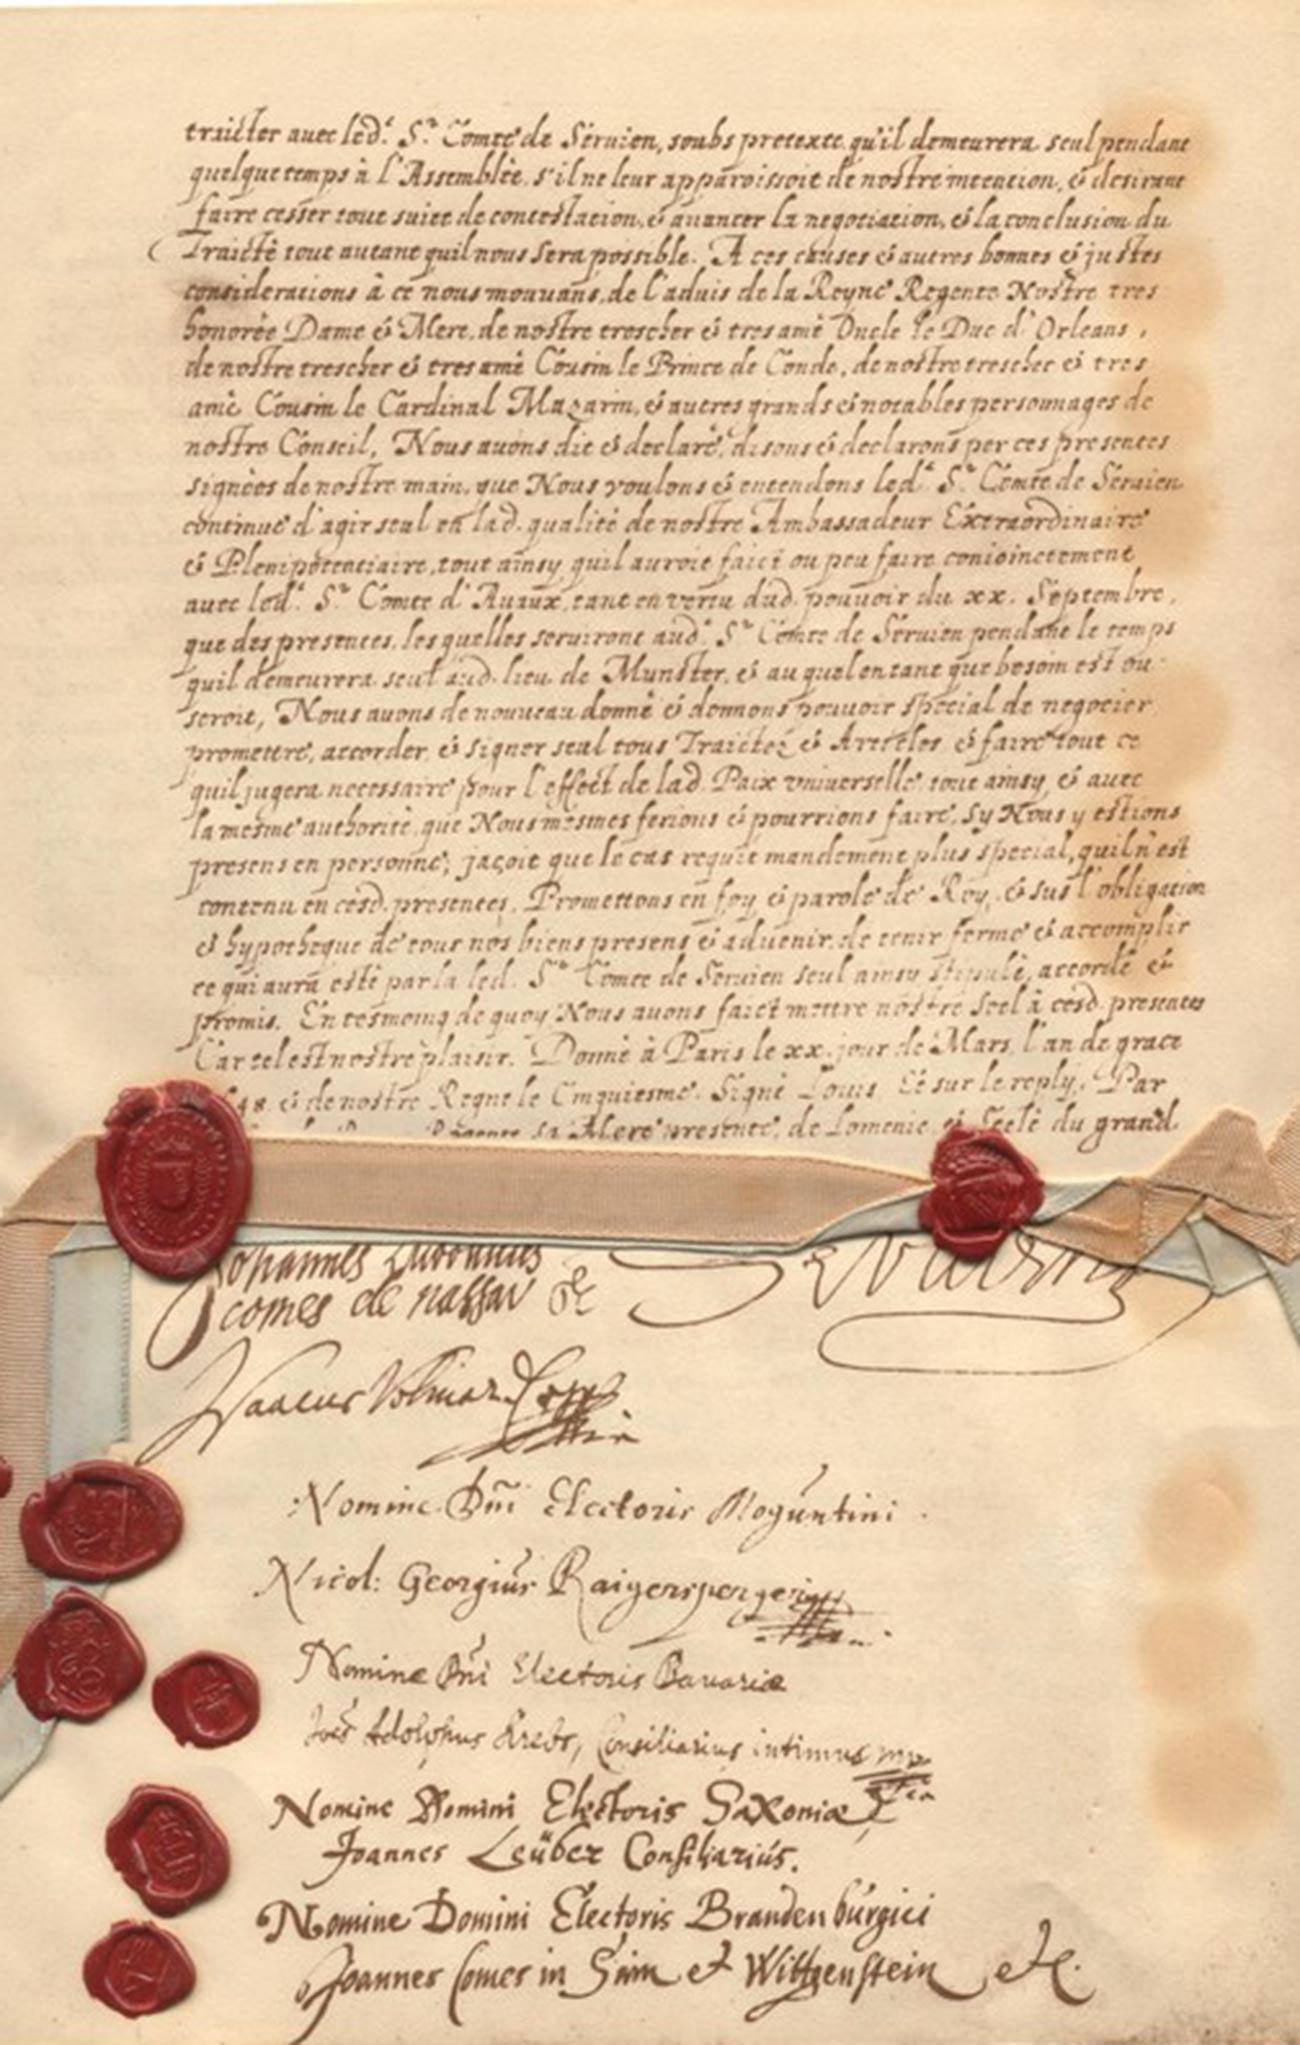 Страница из Вестфалског споразума на француском језику.